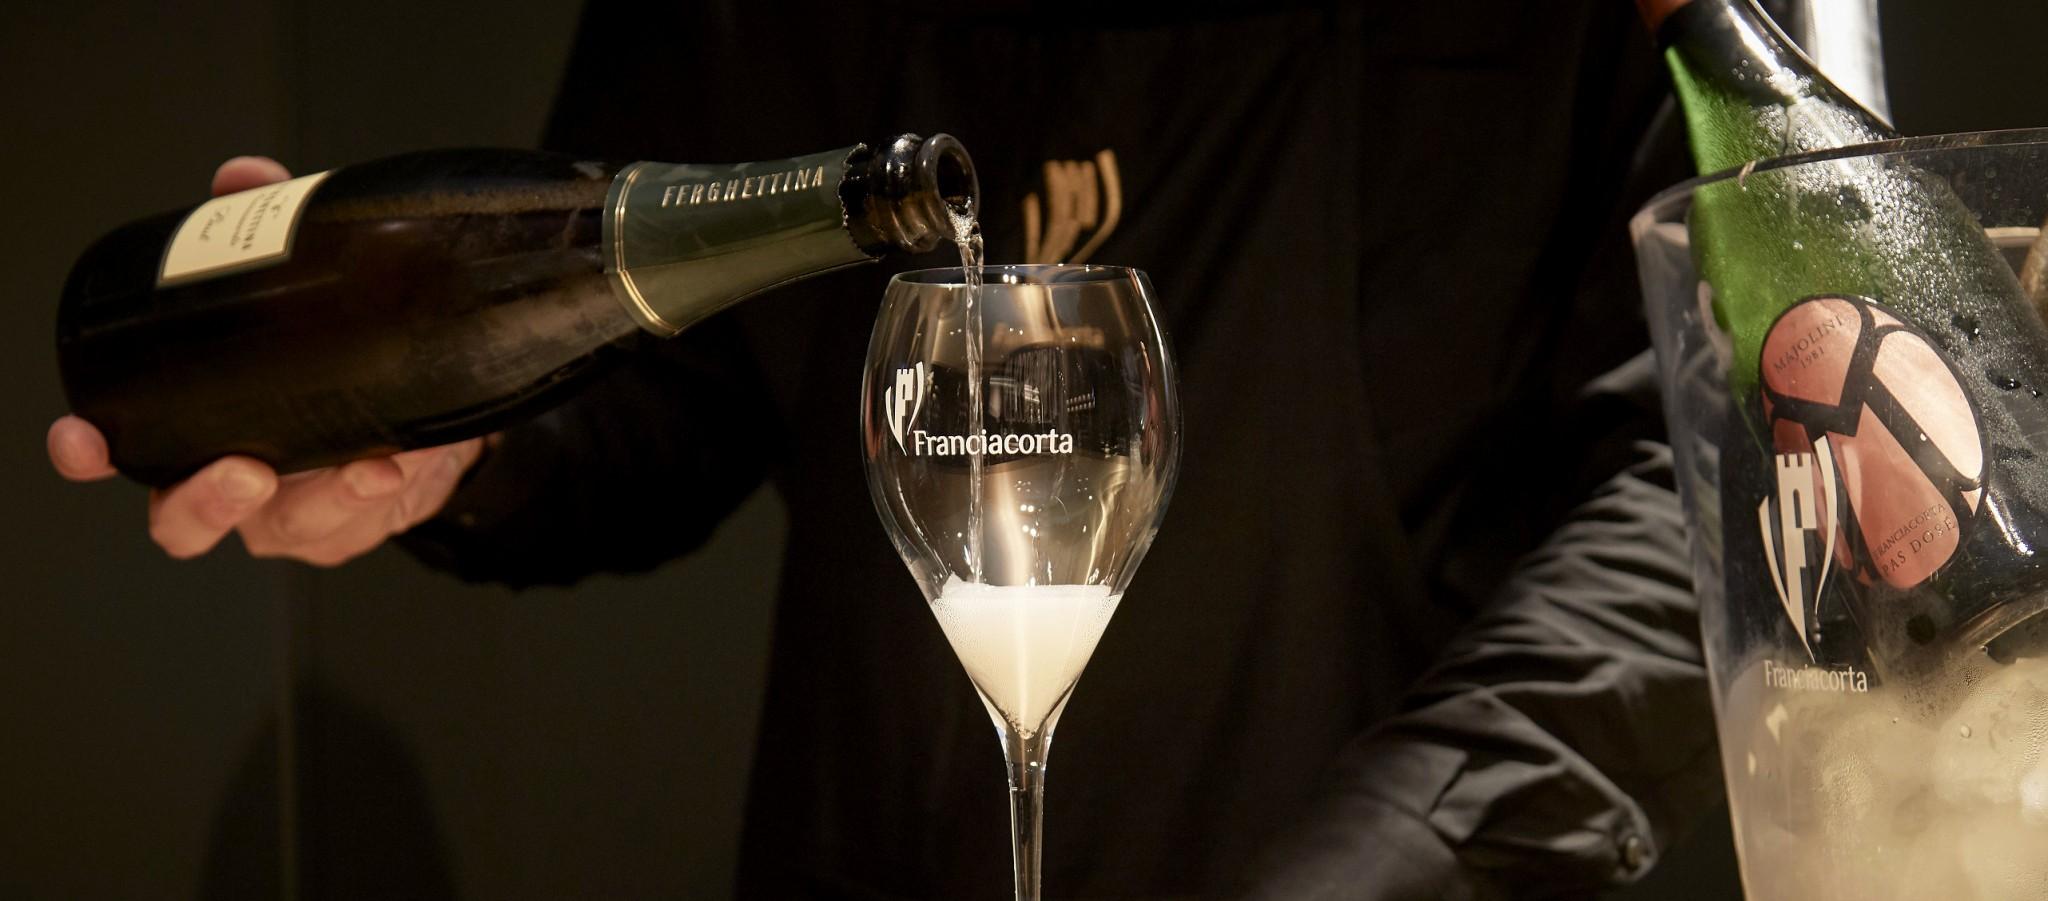 イタリア最高峰発泡ワインと名高い「フランチャコルタ」が日本初のバー〈FRANCIACORTA BAR〉をオープン。注目のニューオープン情報!